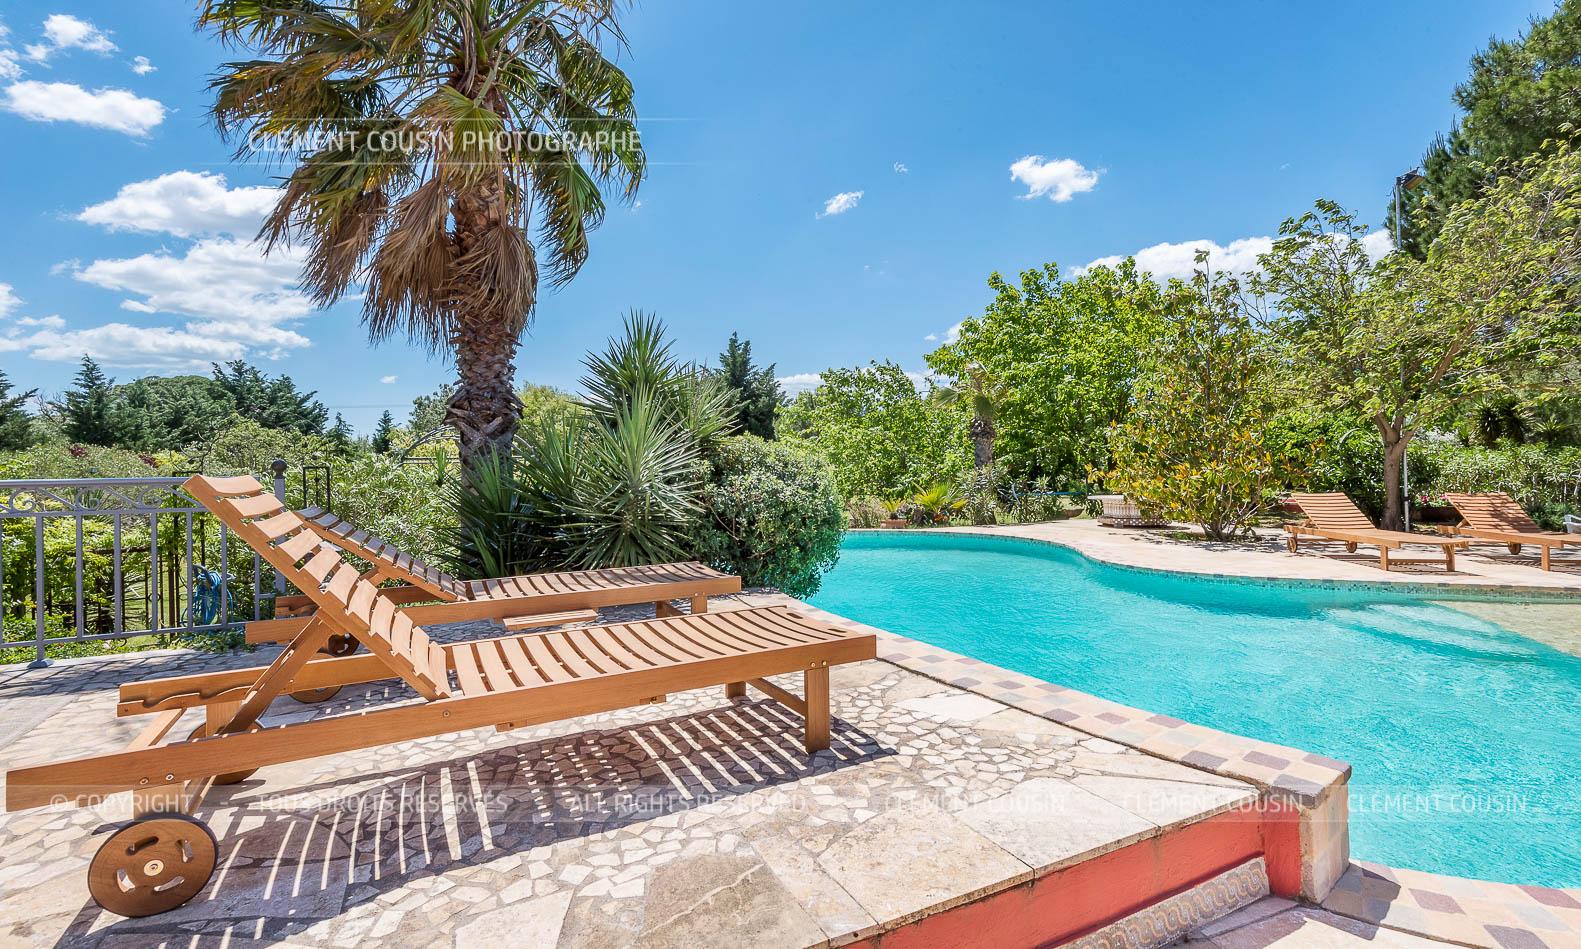 Mas de la montille piscine vignes aiguemortes-18.jpg